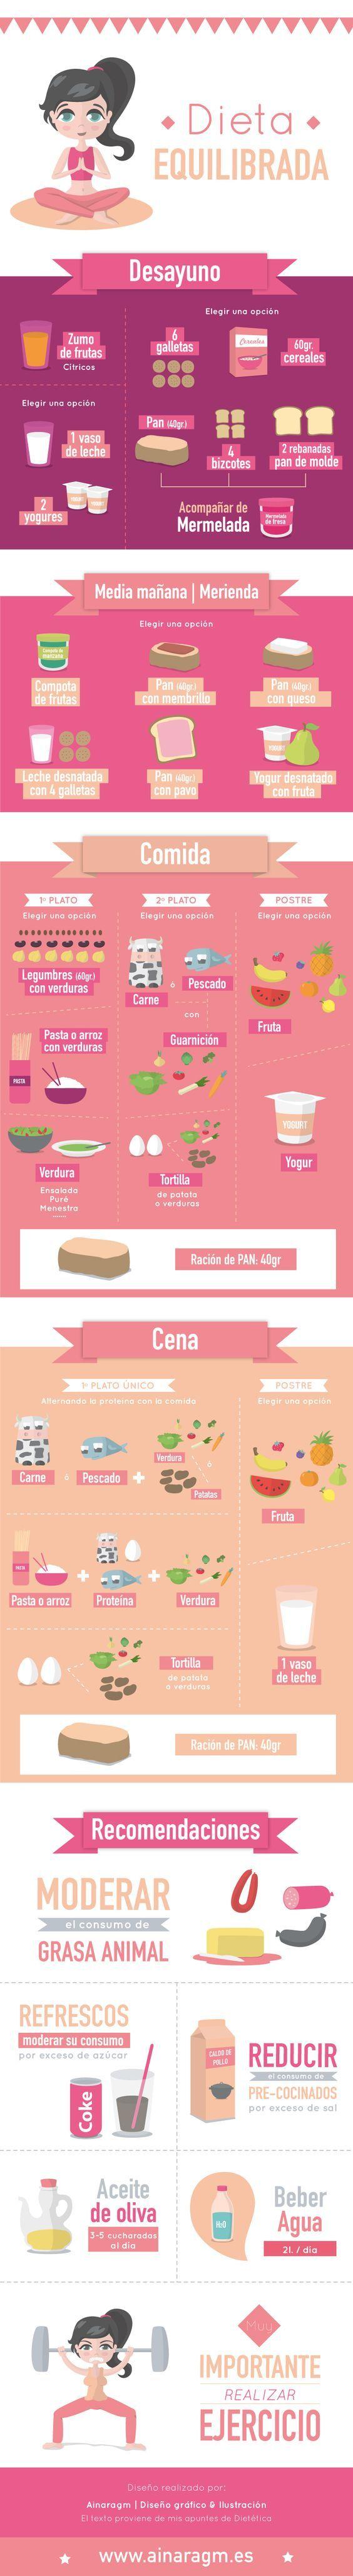 Infografía de una dieta equilibrada